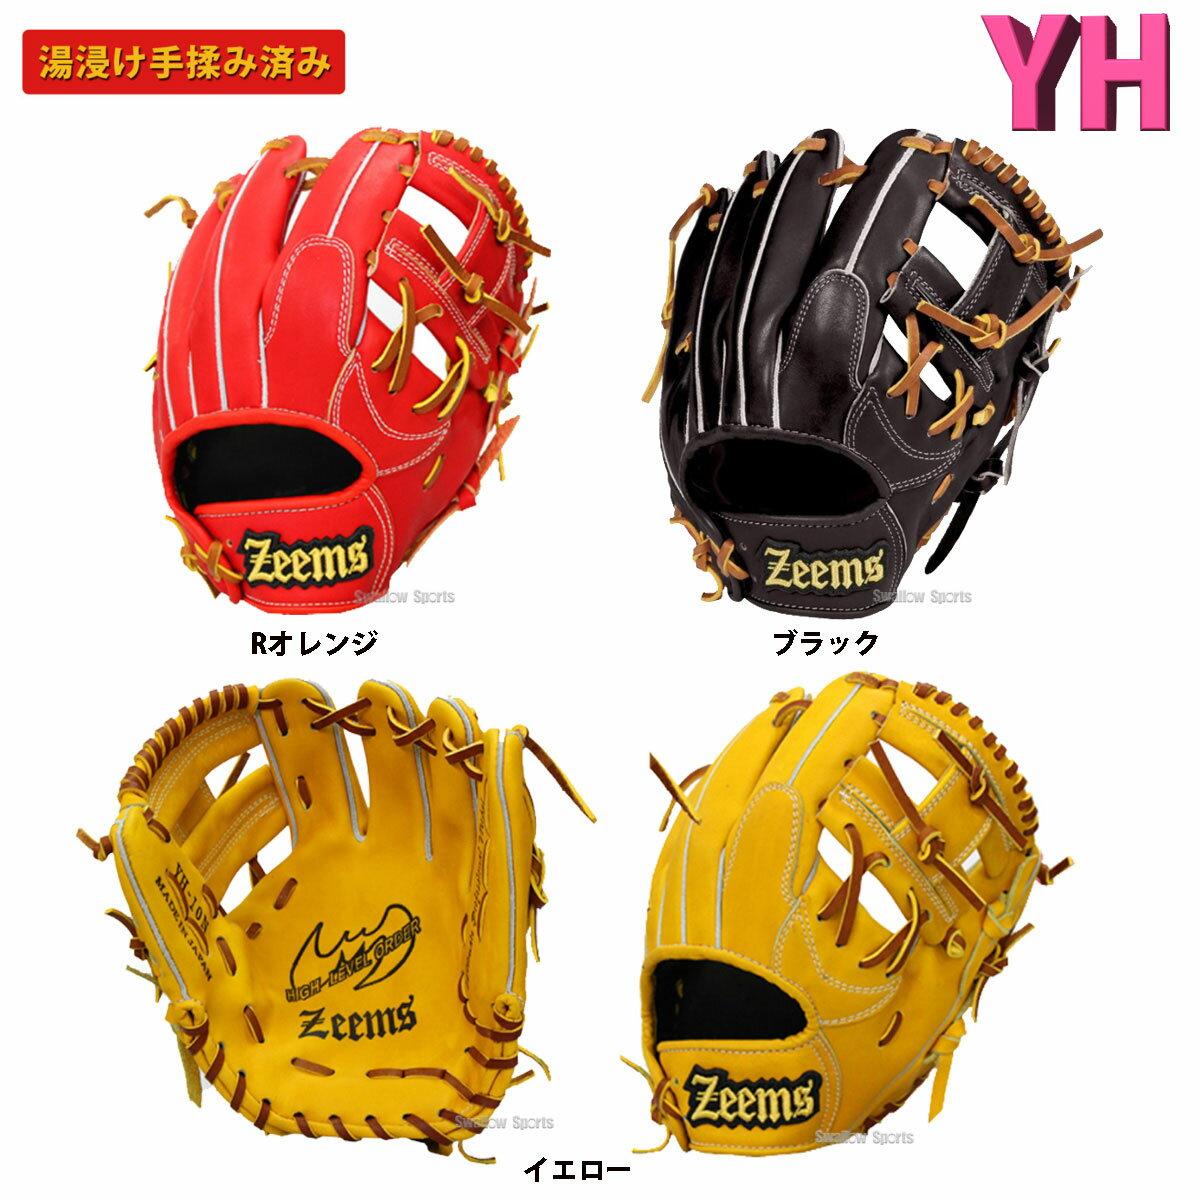 ジームス 軟式 内野手用 グローブ グラブ YH グローブ (湯浸け手揉み済み) YH-20N グローブ 軟式用 野球用品 スワロースポーツ